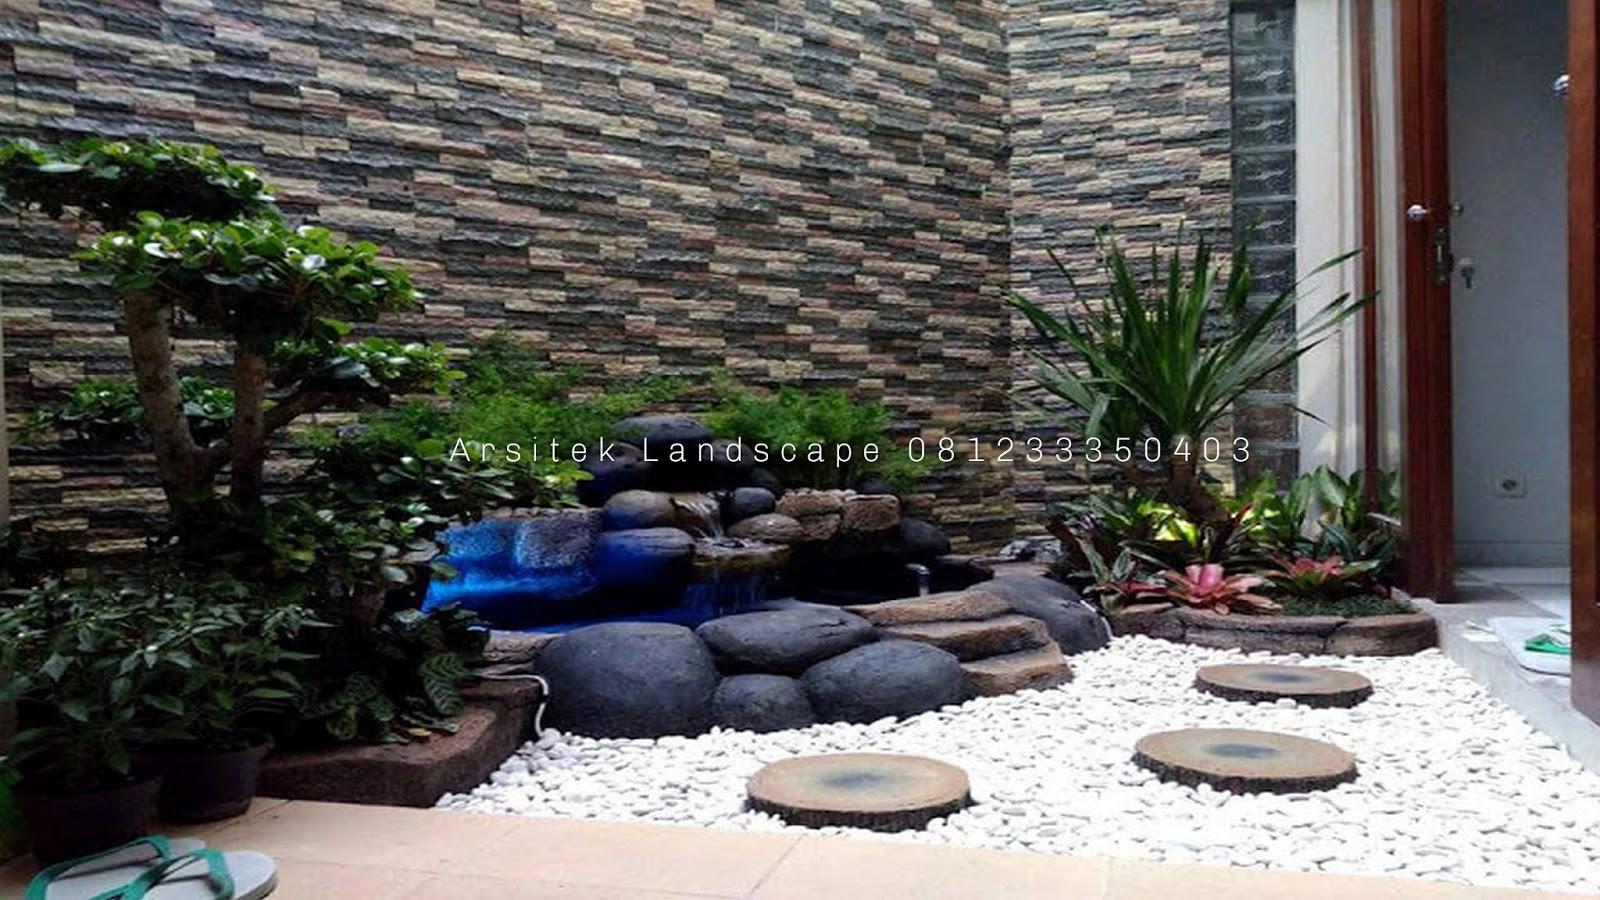 Jasa Pembuatan Lanskap Kolam Relief Dekorasi Tebing Air Terjun Dan Air Mancur Di Madiun Jasa Pembuatan Taman Air terjun dinding minimalis